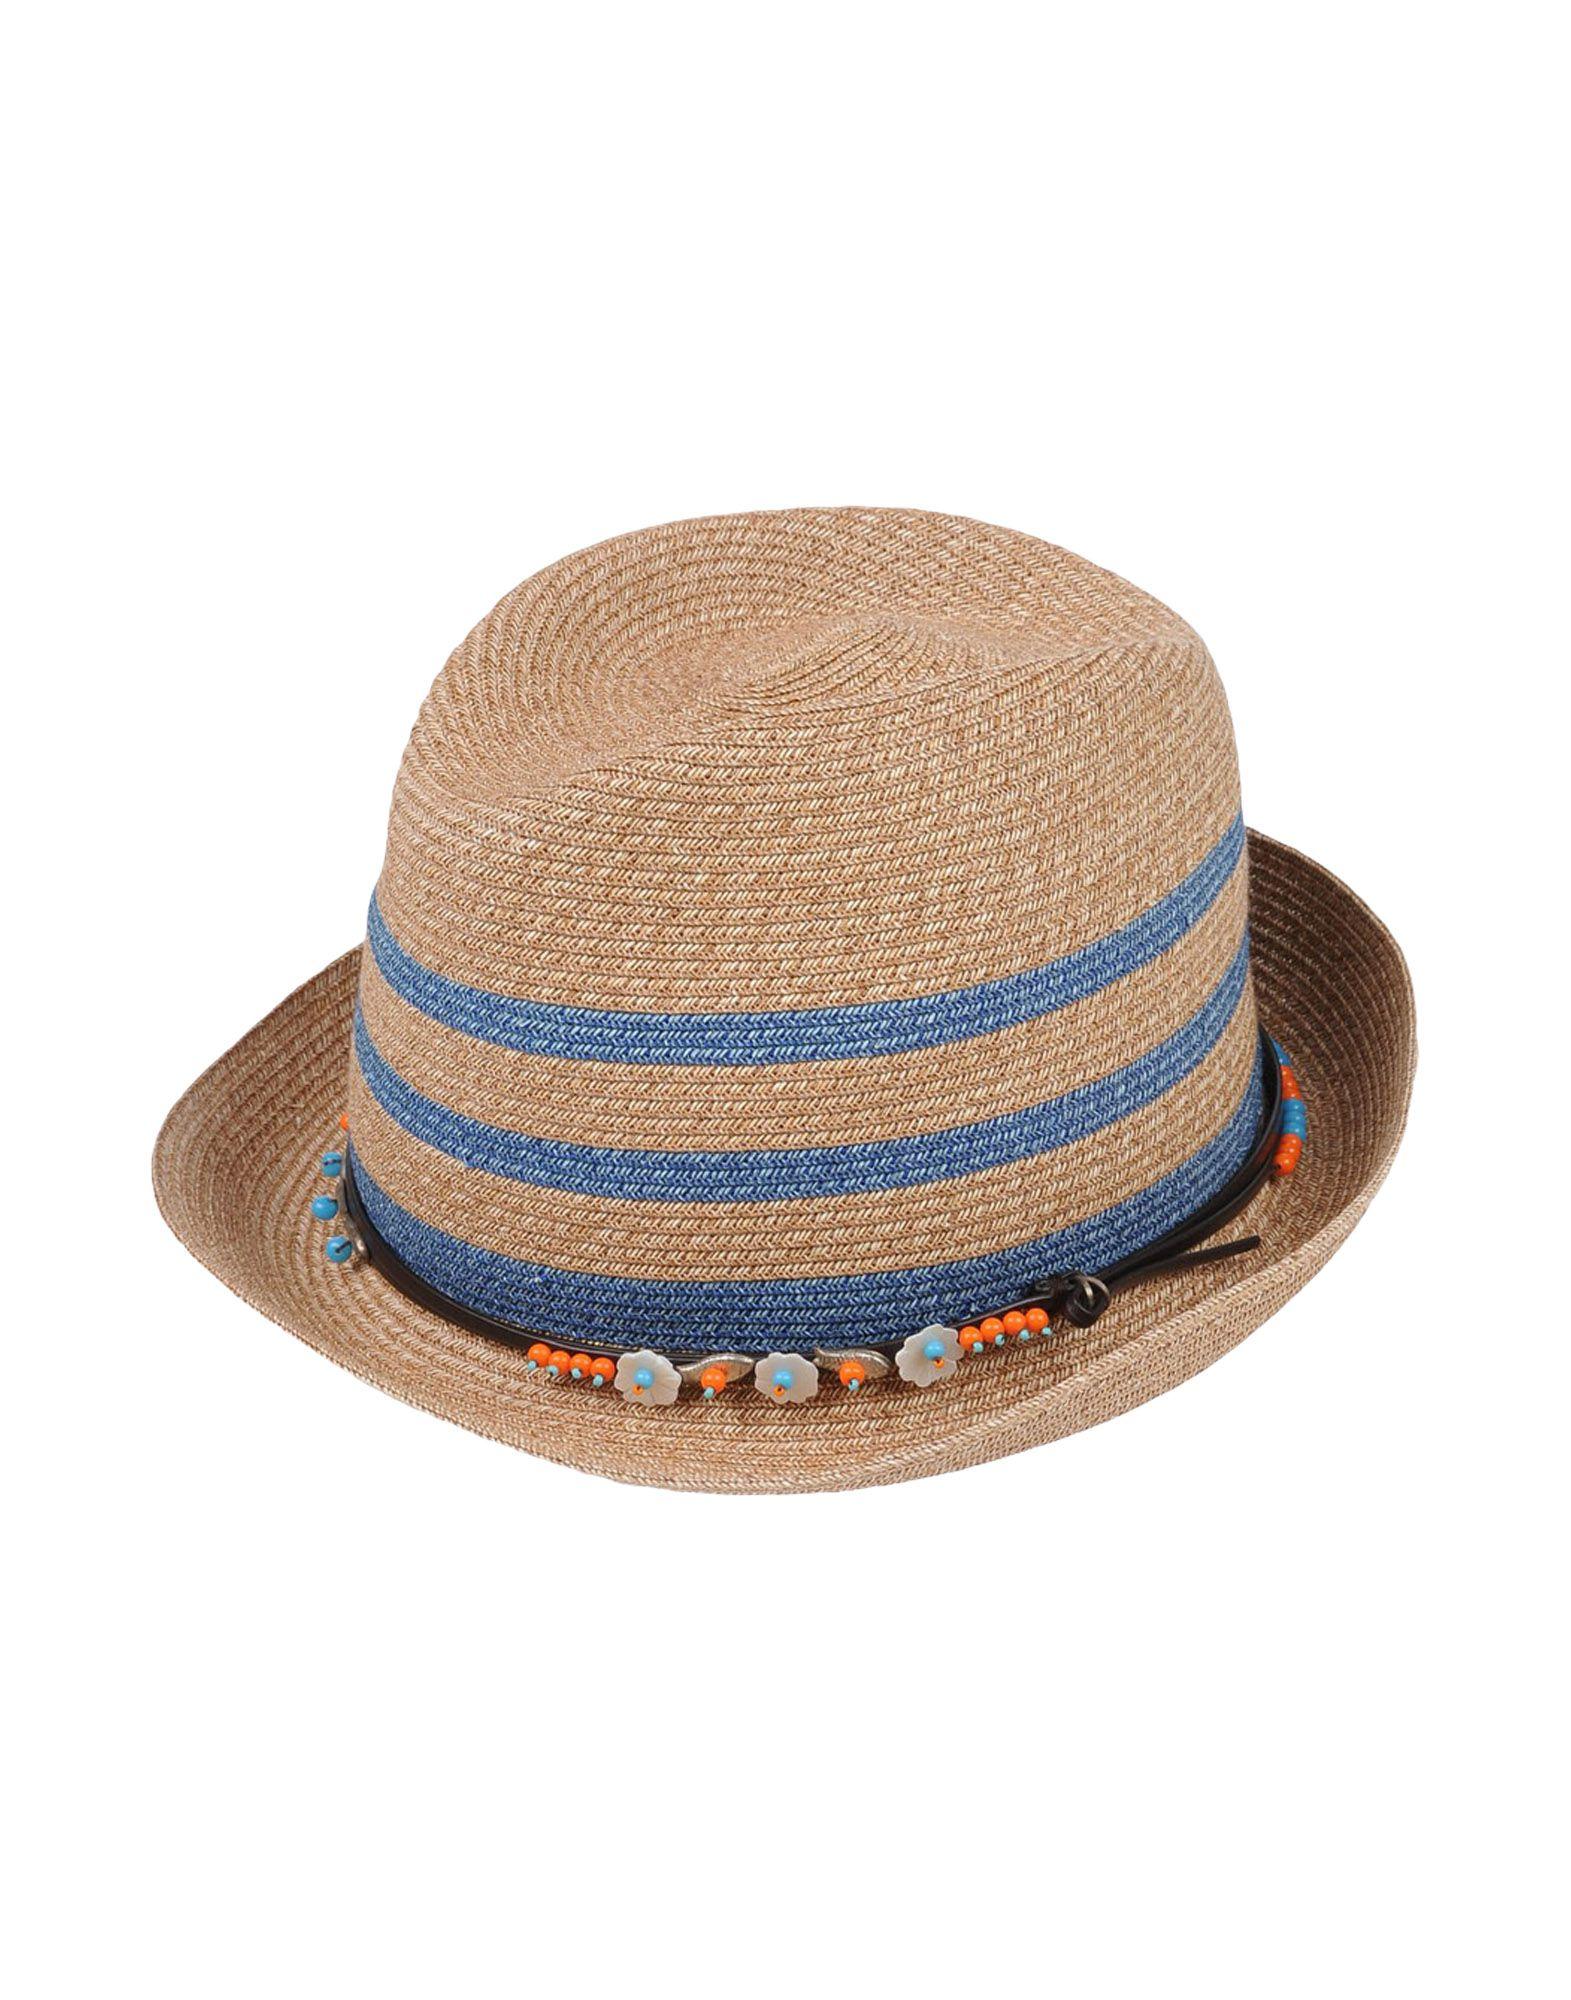 MY BOB Hat in Beige